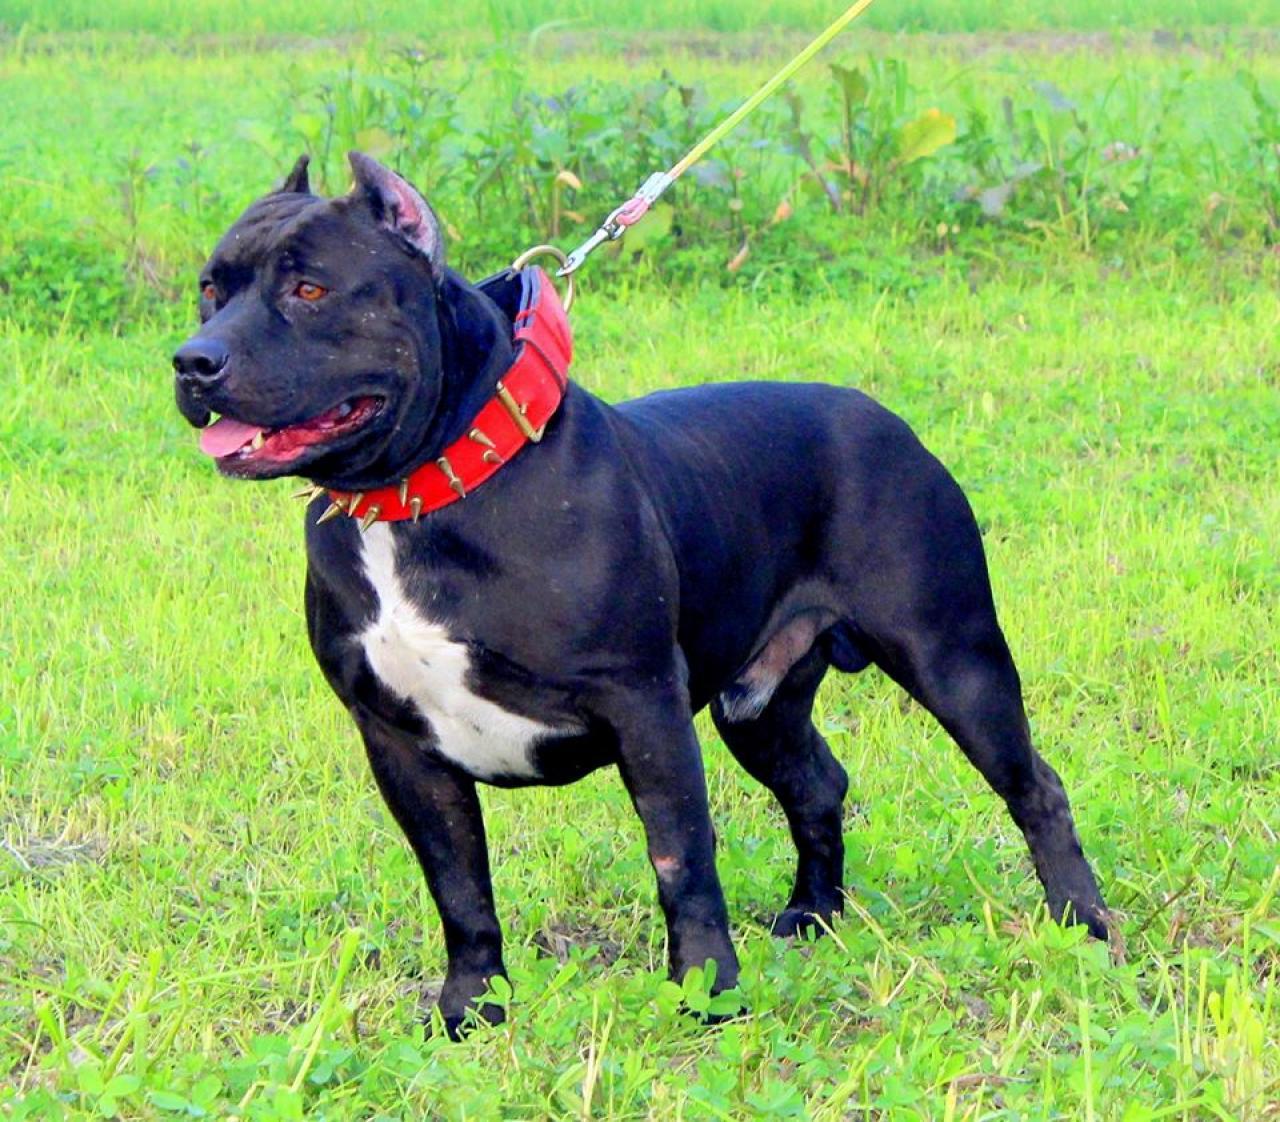 Pedigree Database: GURI RAI'S BLACK BEAST HERO( ASIA'S